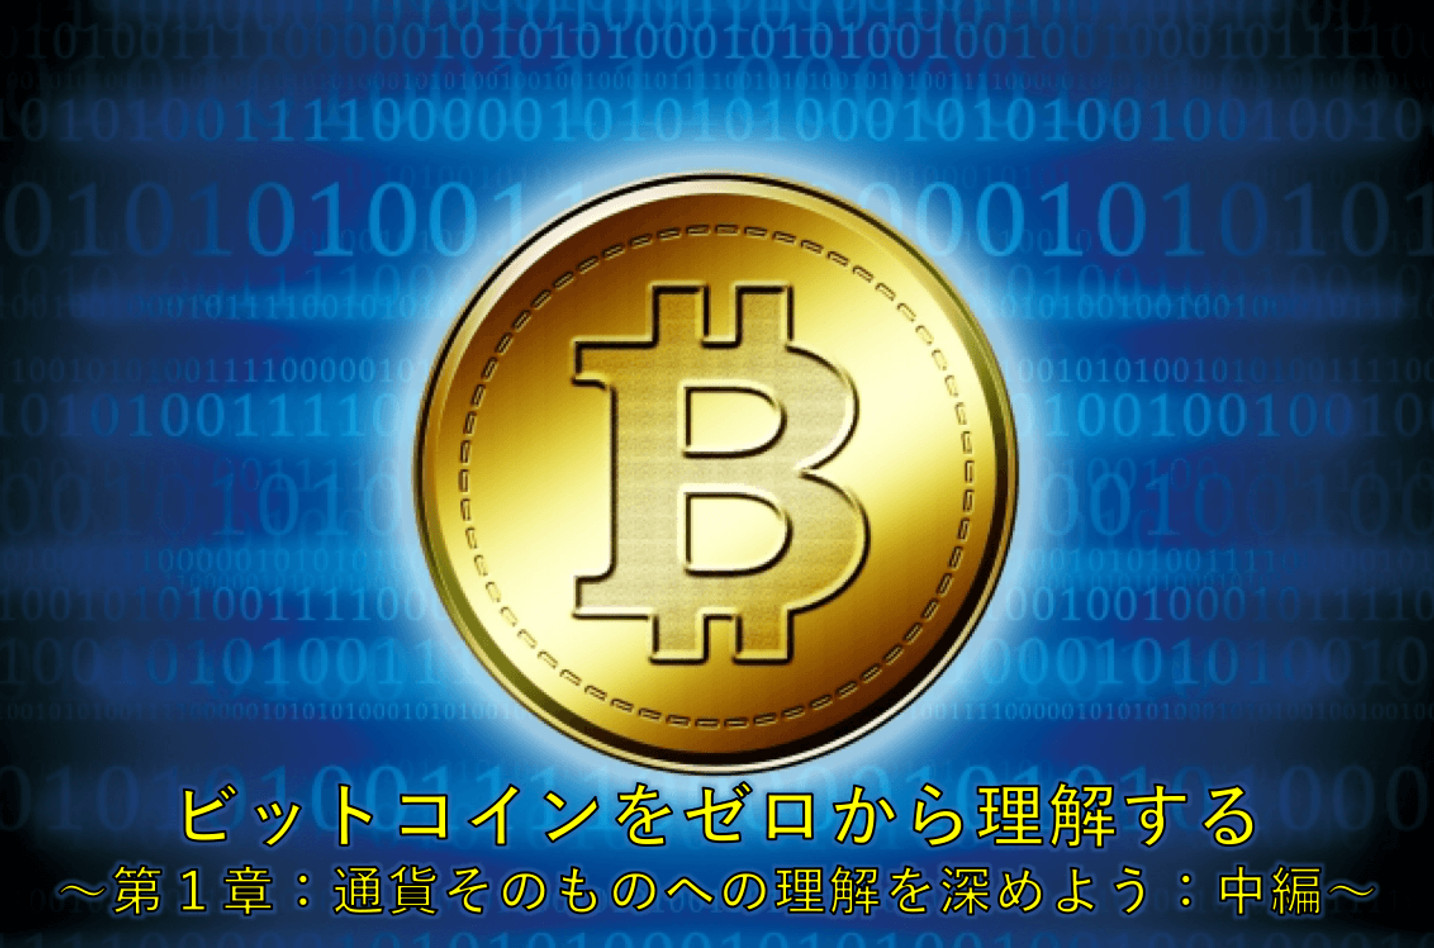 ビットコインをゼロから理解する 〜第1章:通貨そのものへの理解を深めよう:中編〜